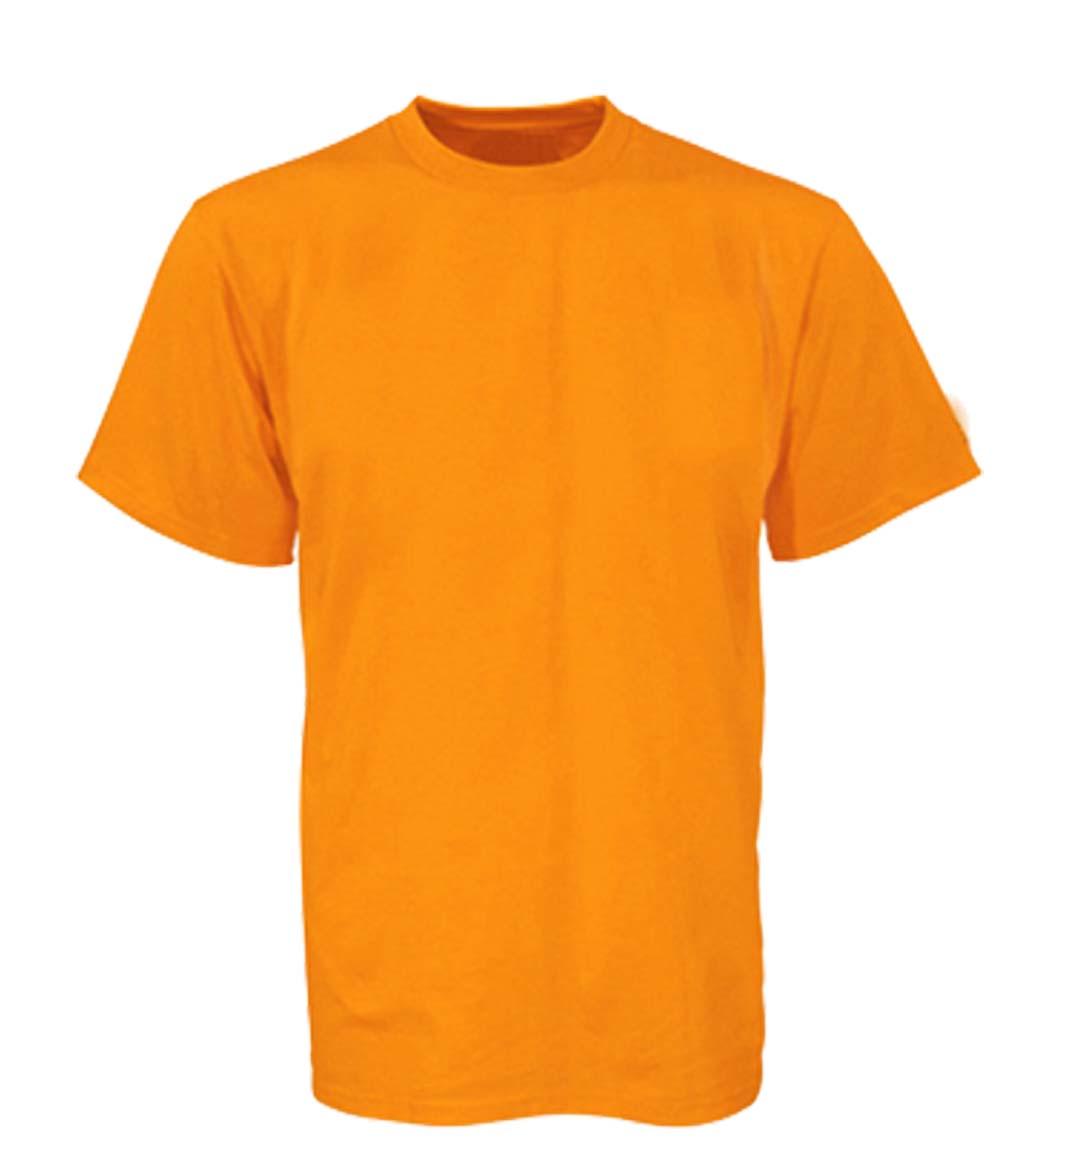 tshirts plain tshirt